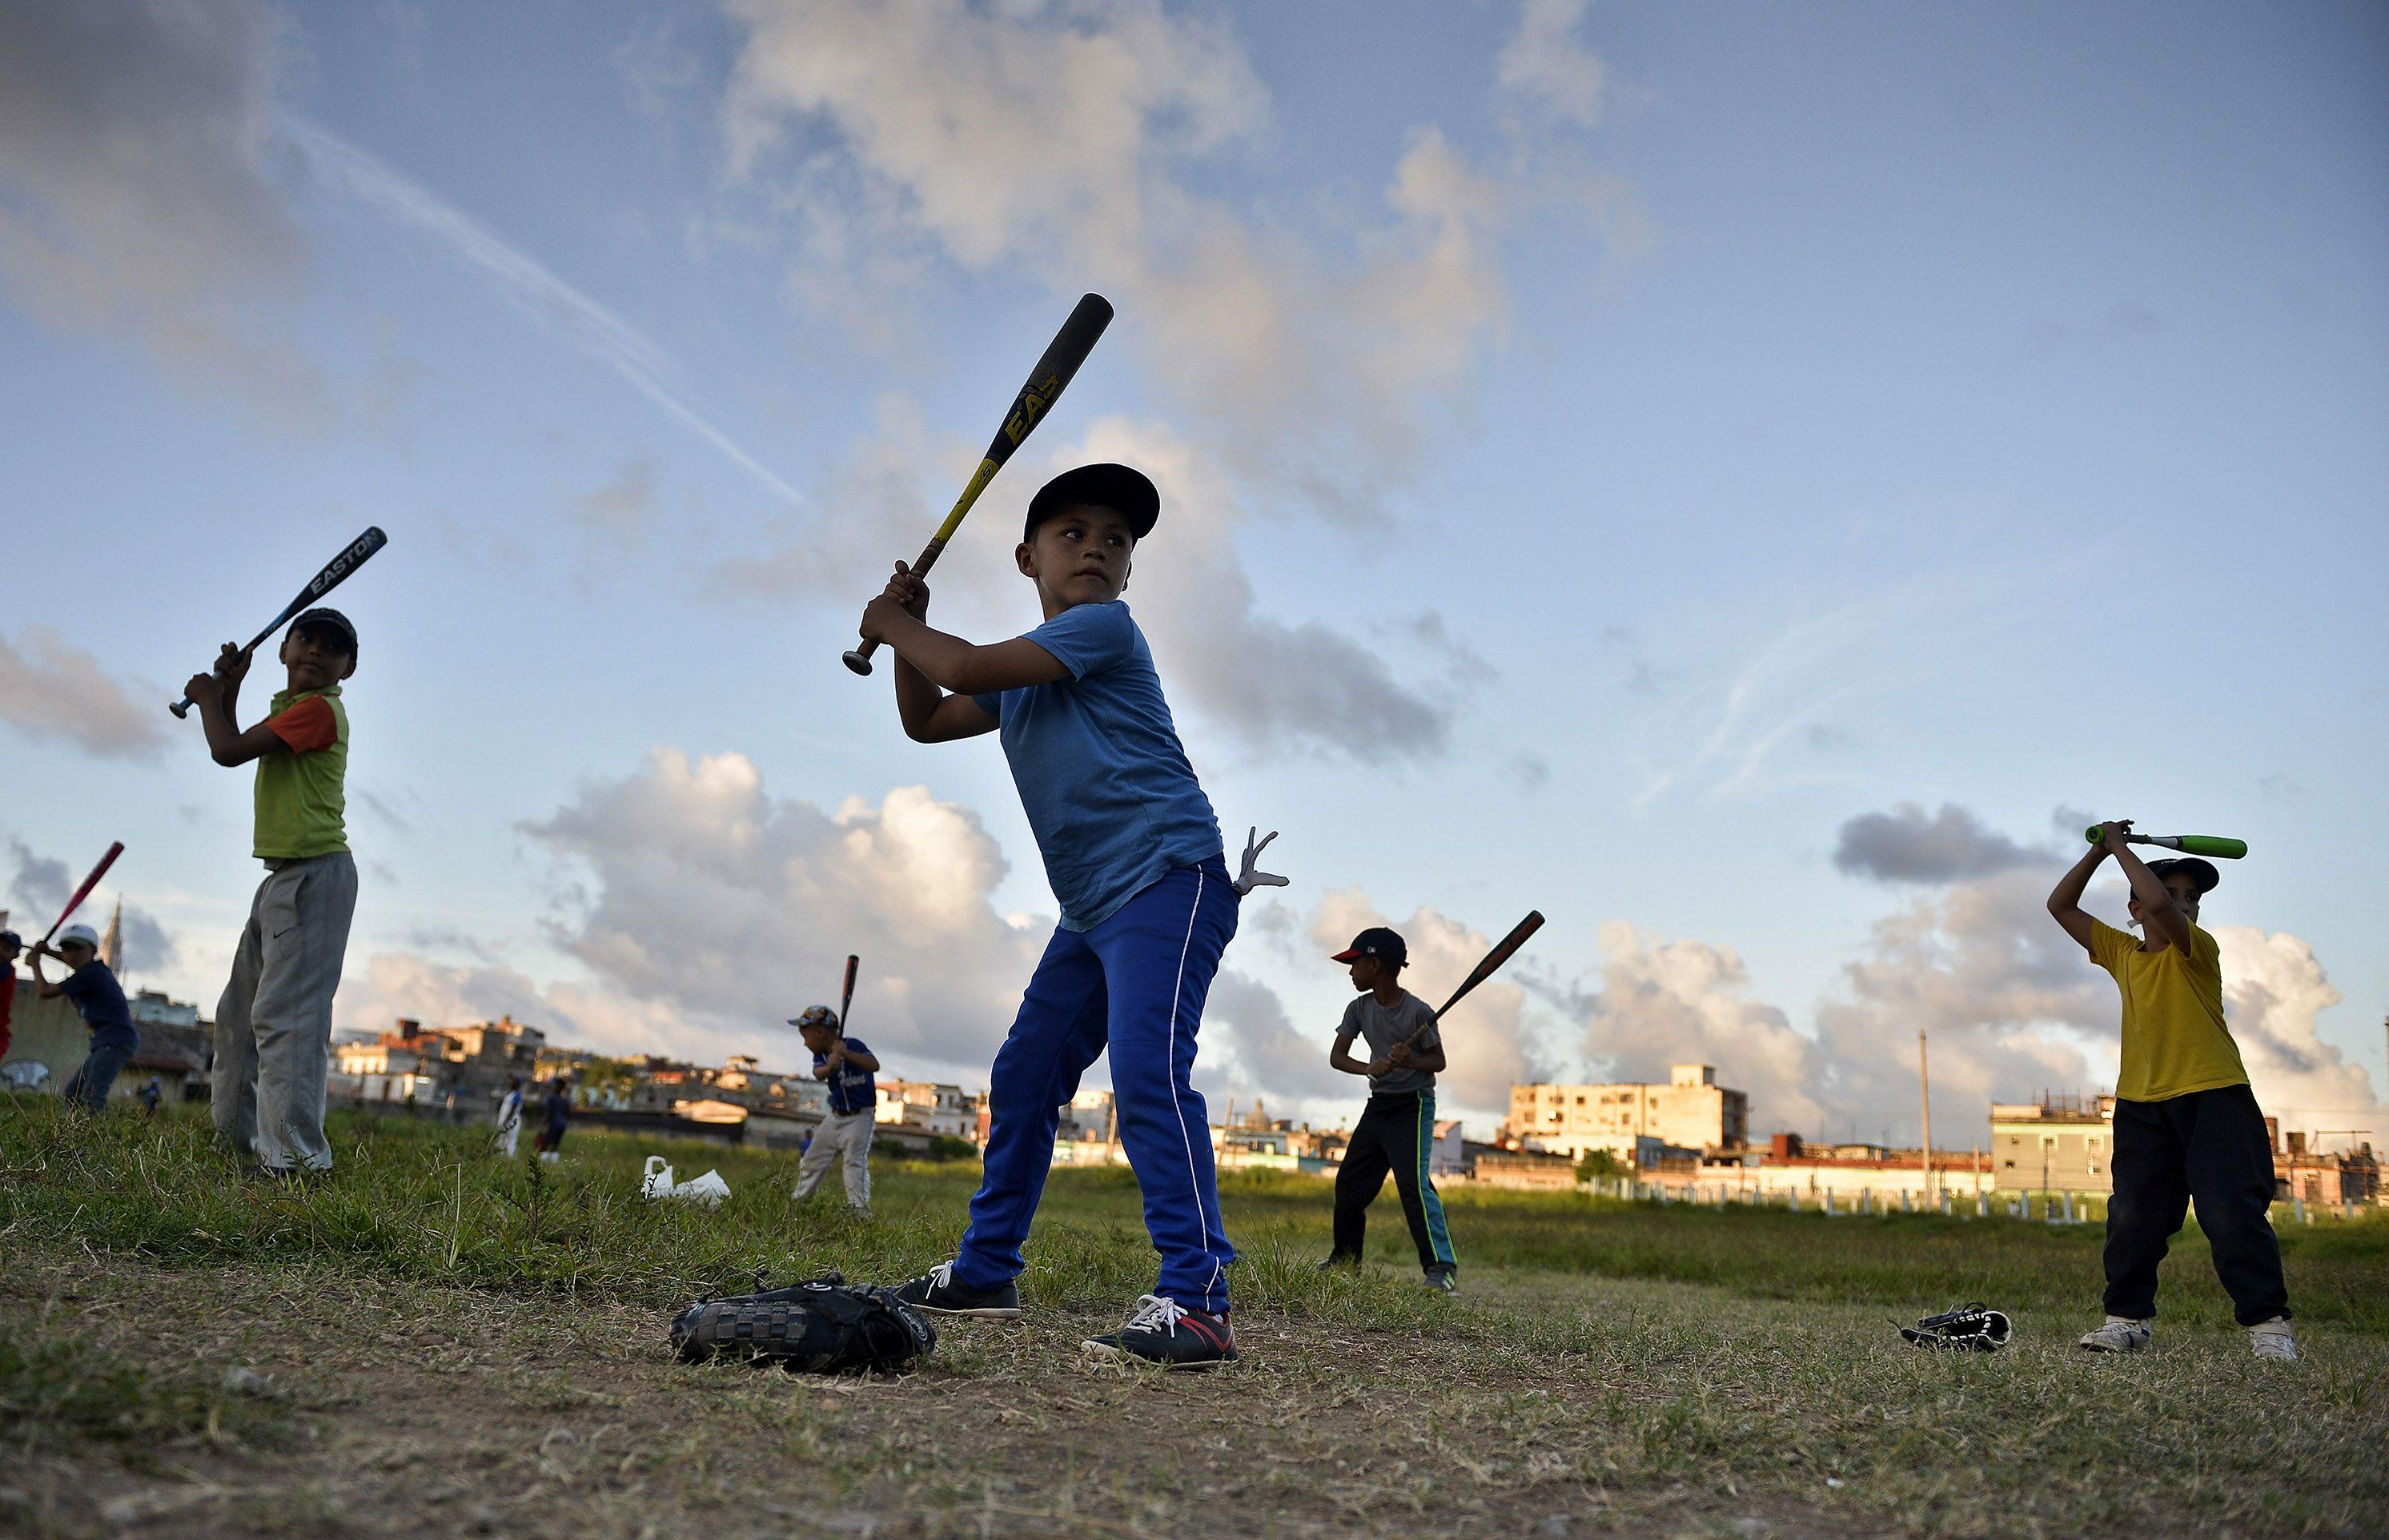 La base del béisbol cubano necesita una importante inyección de implementos y recursos para mejorar los terrenos locales. Foto: Tomada de Eawaz